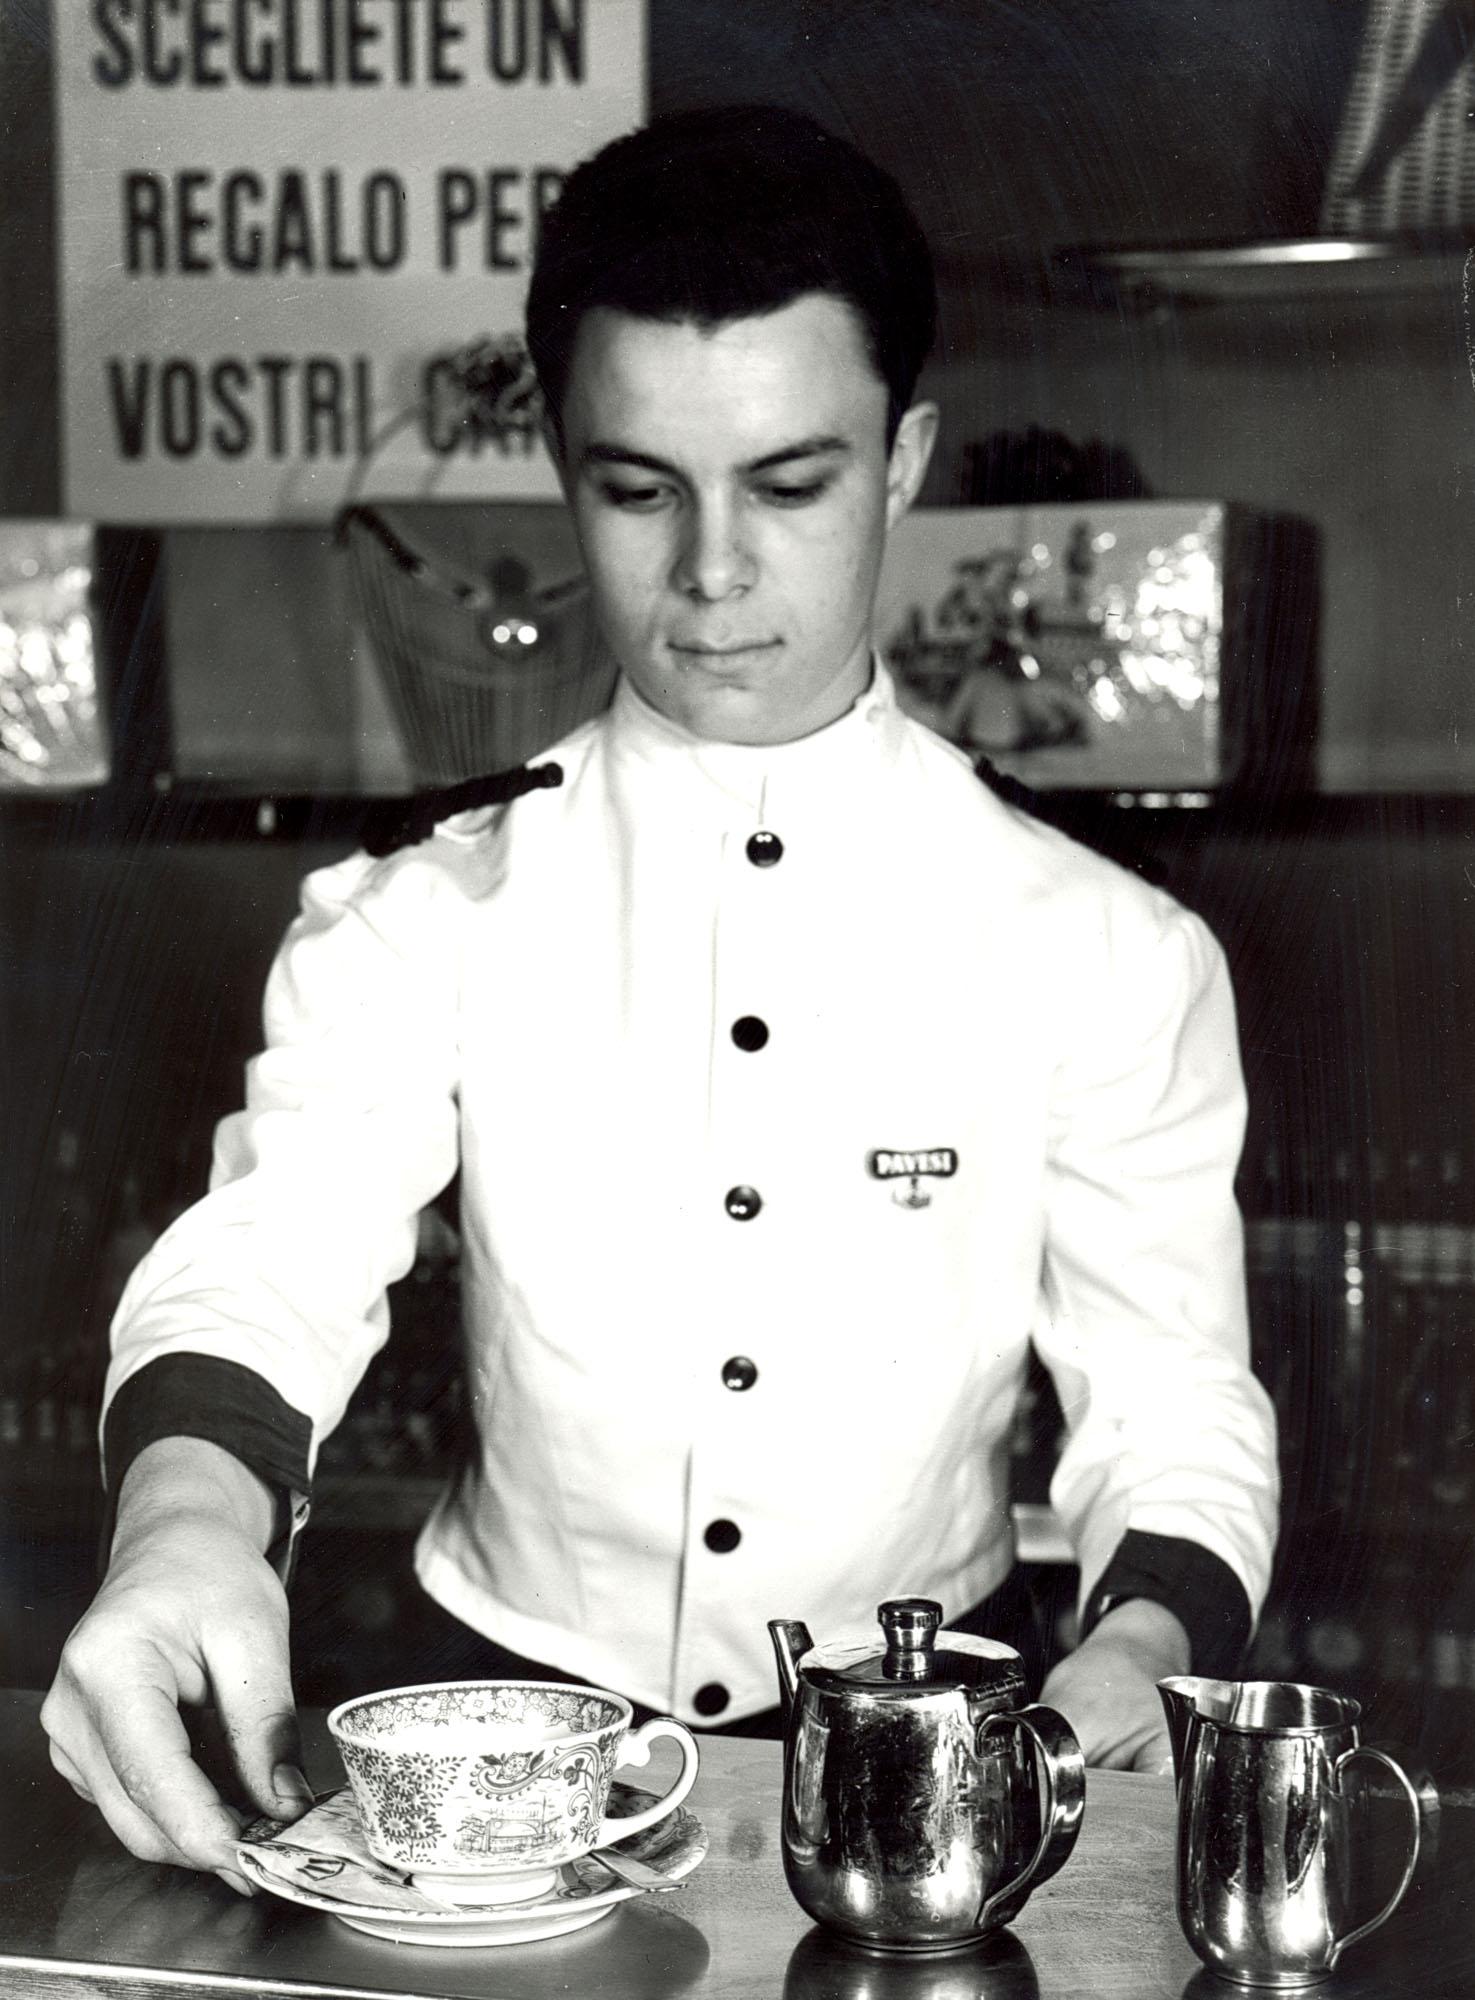 Il personale di servizio in divisa e i piatti e le tazze marchiati caratterizzano l'interno degli Autogrill Pavesi